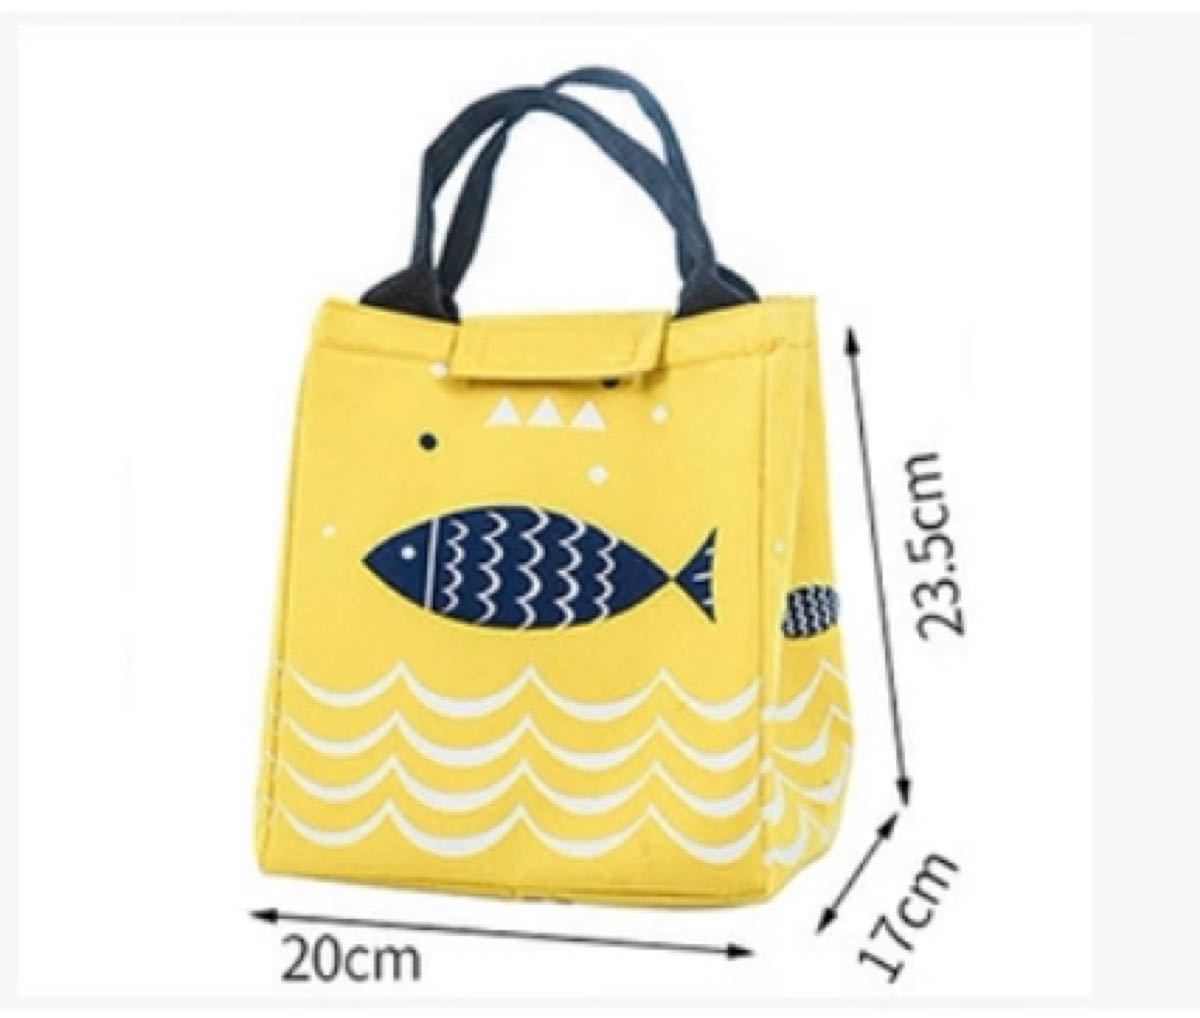 保温保冷ランチバッグ、トートバッグ、防水、厚くて大容量エコバッグ